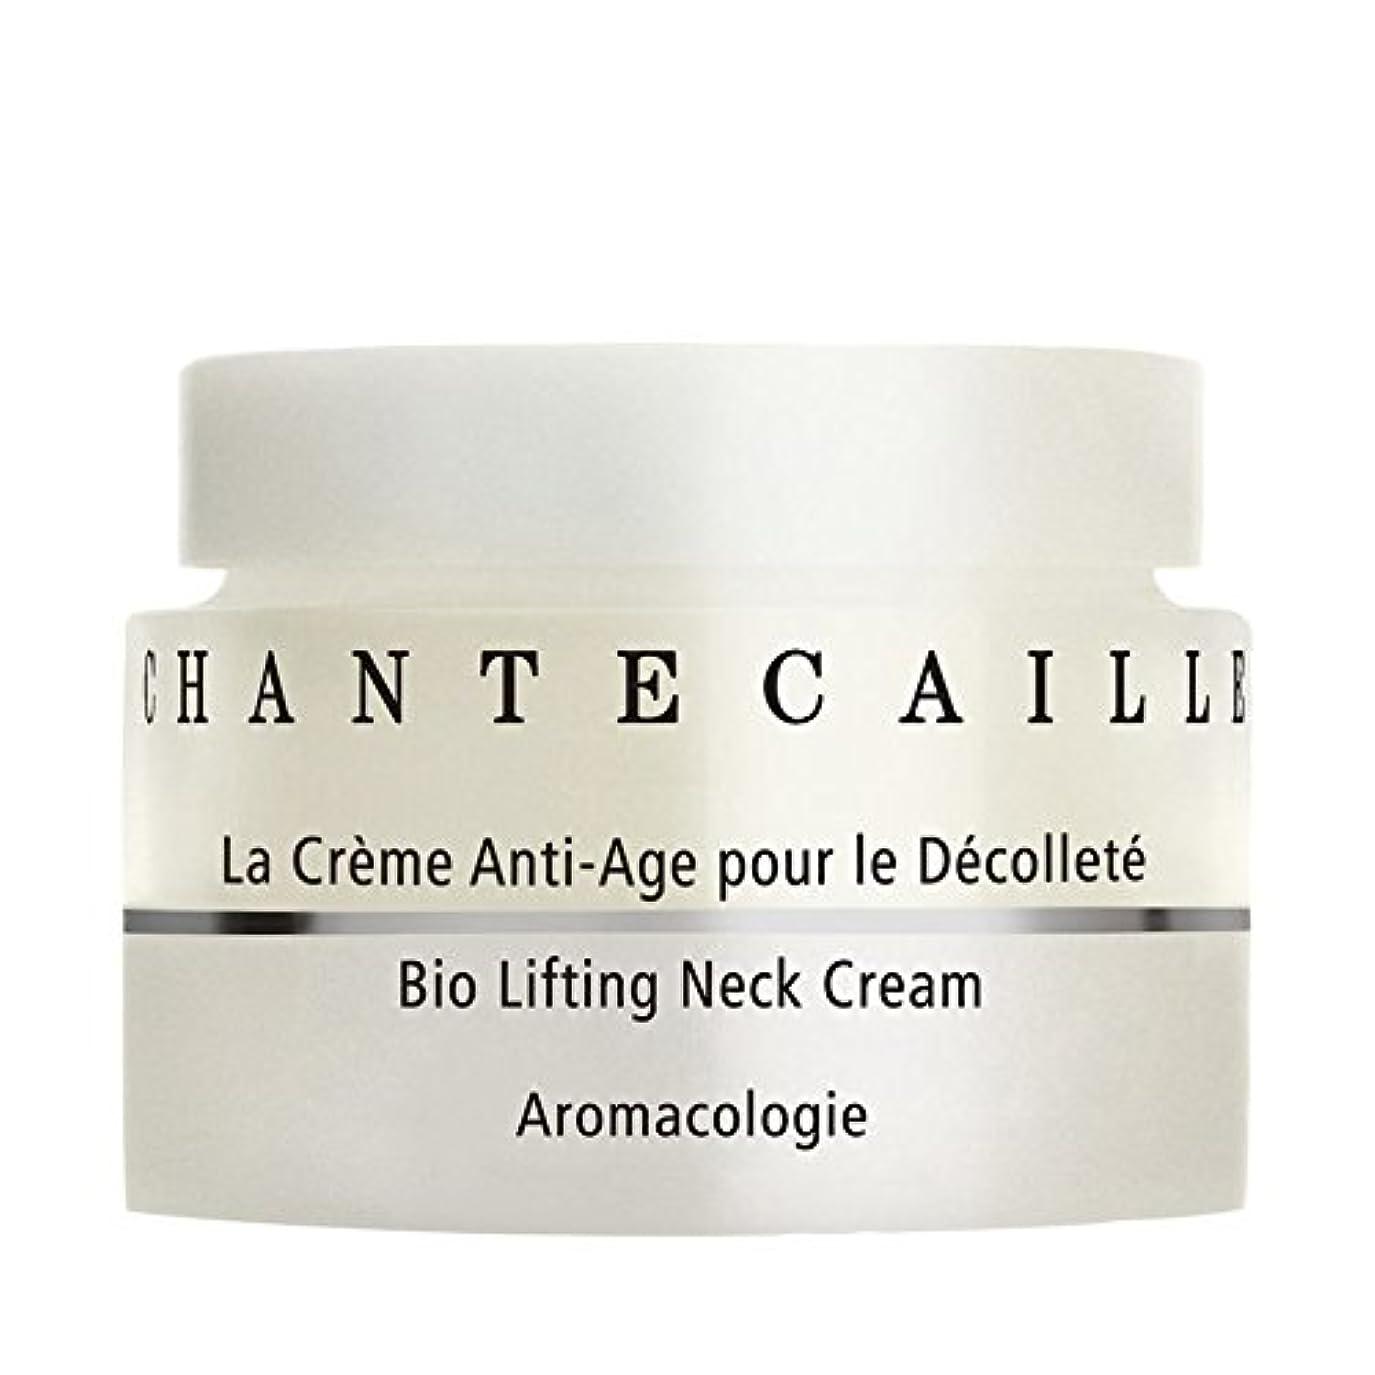 メッセージ標準例示するChantecaille Biodynamic Lifting Neck Cream, Chantecaille (Pack of 6) - シャンテカイユバイオダイナミックリフティングネッククリーム、シャンテカイユ x6...